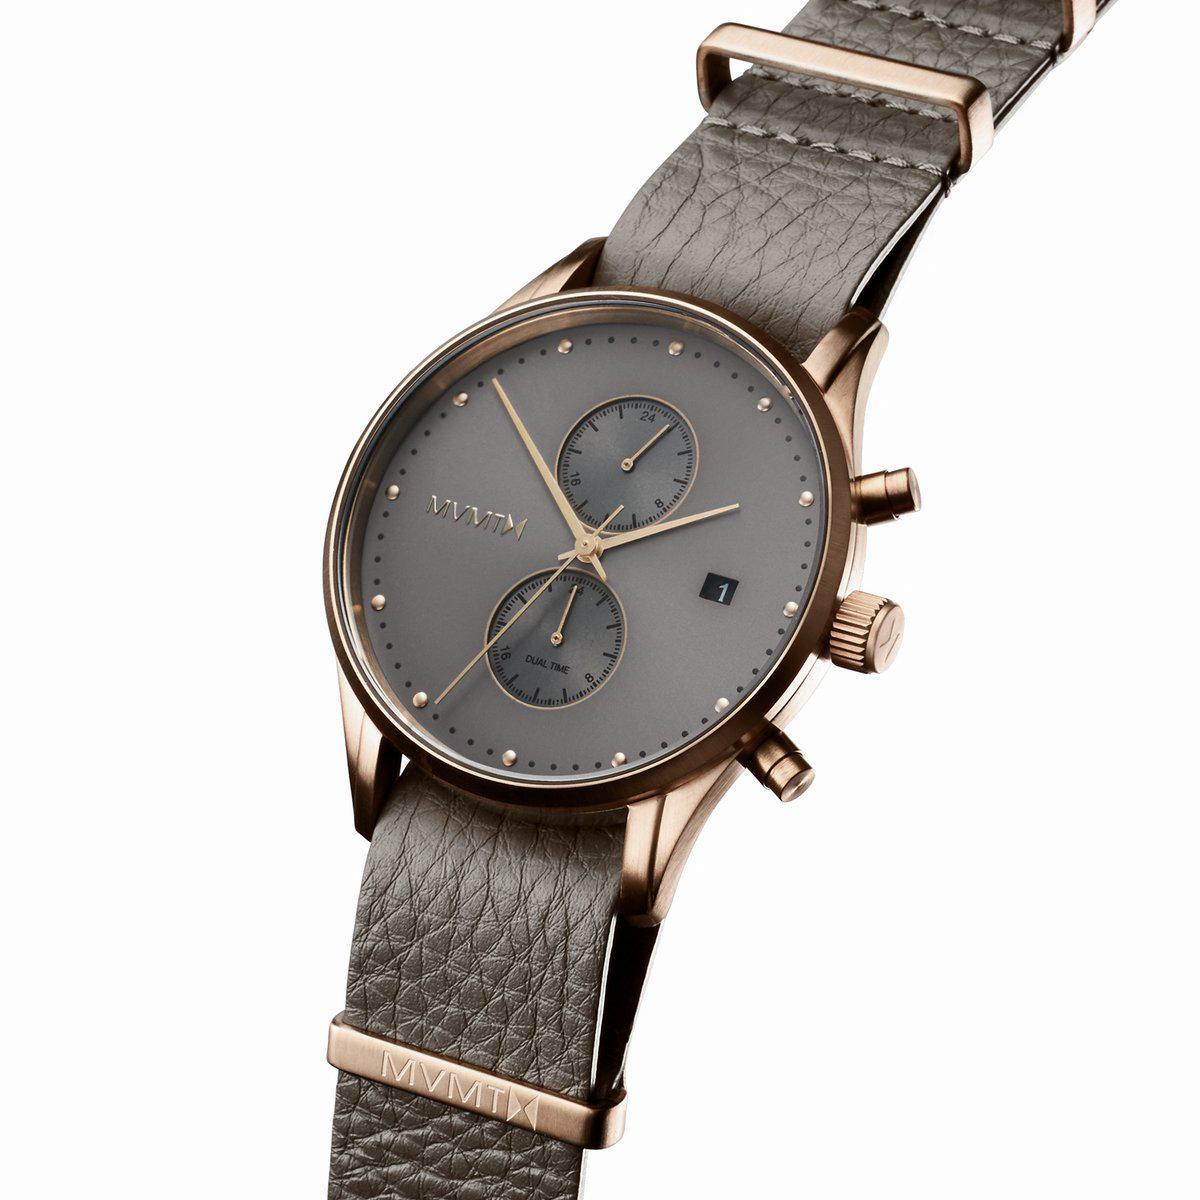 Code Couleur Vert Sauge montre mvmt d-mv01-brogr - chronographe & dateur acier doré